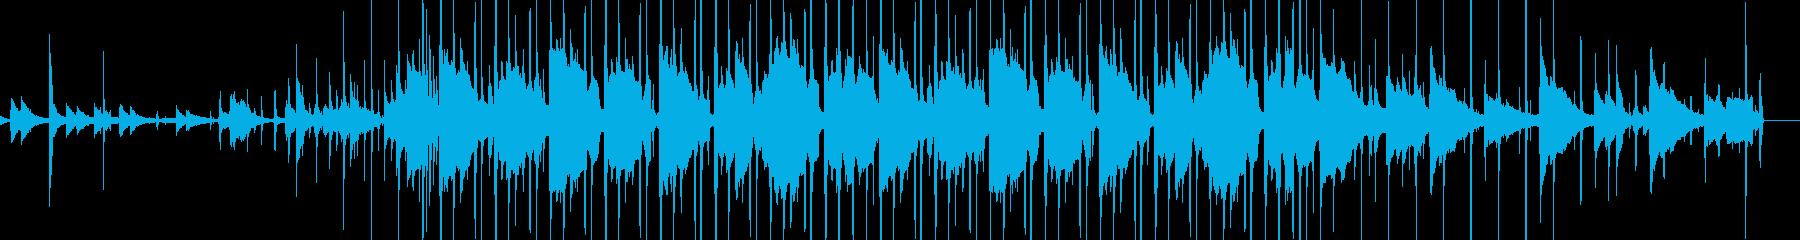 哀愁があるローファイ・ヒップホップの再生済みの波形